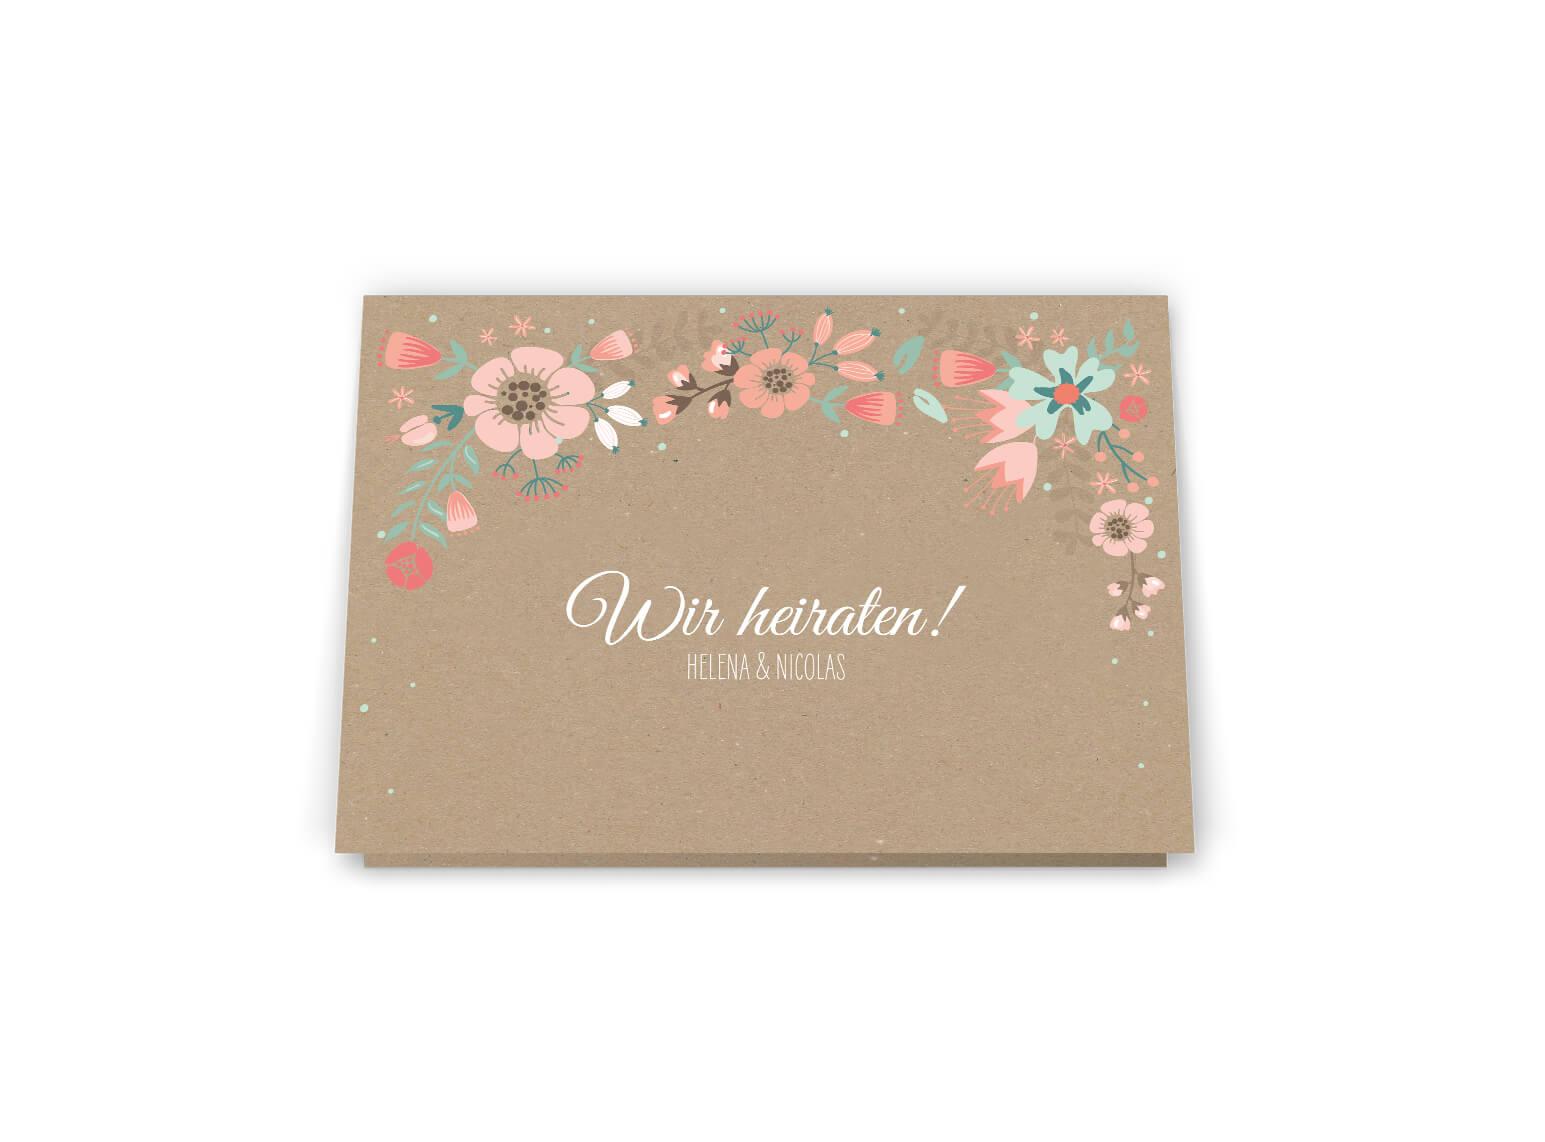 Hochzeitseinladung, Vintage, Kraftpapier im Blumen Design